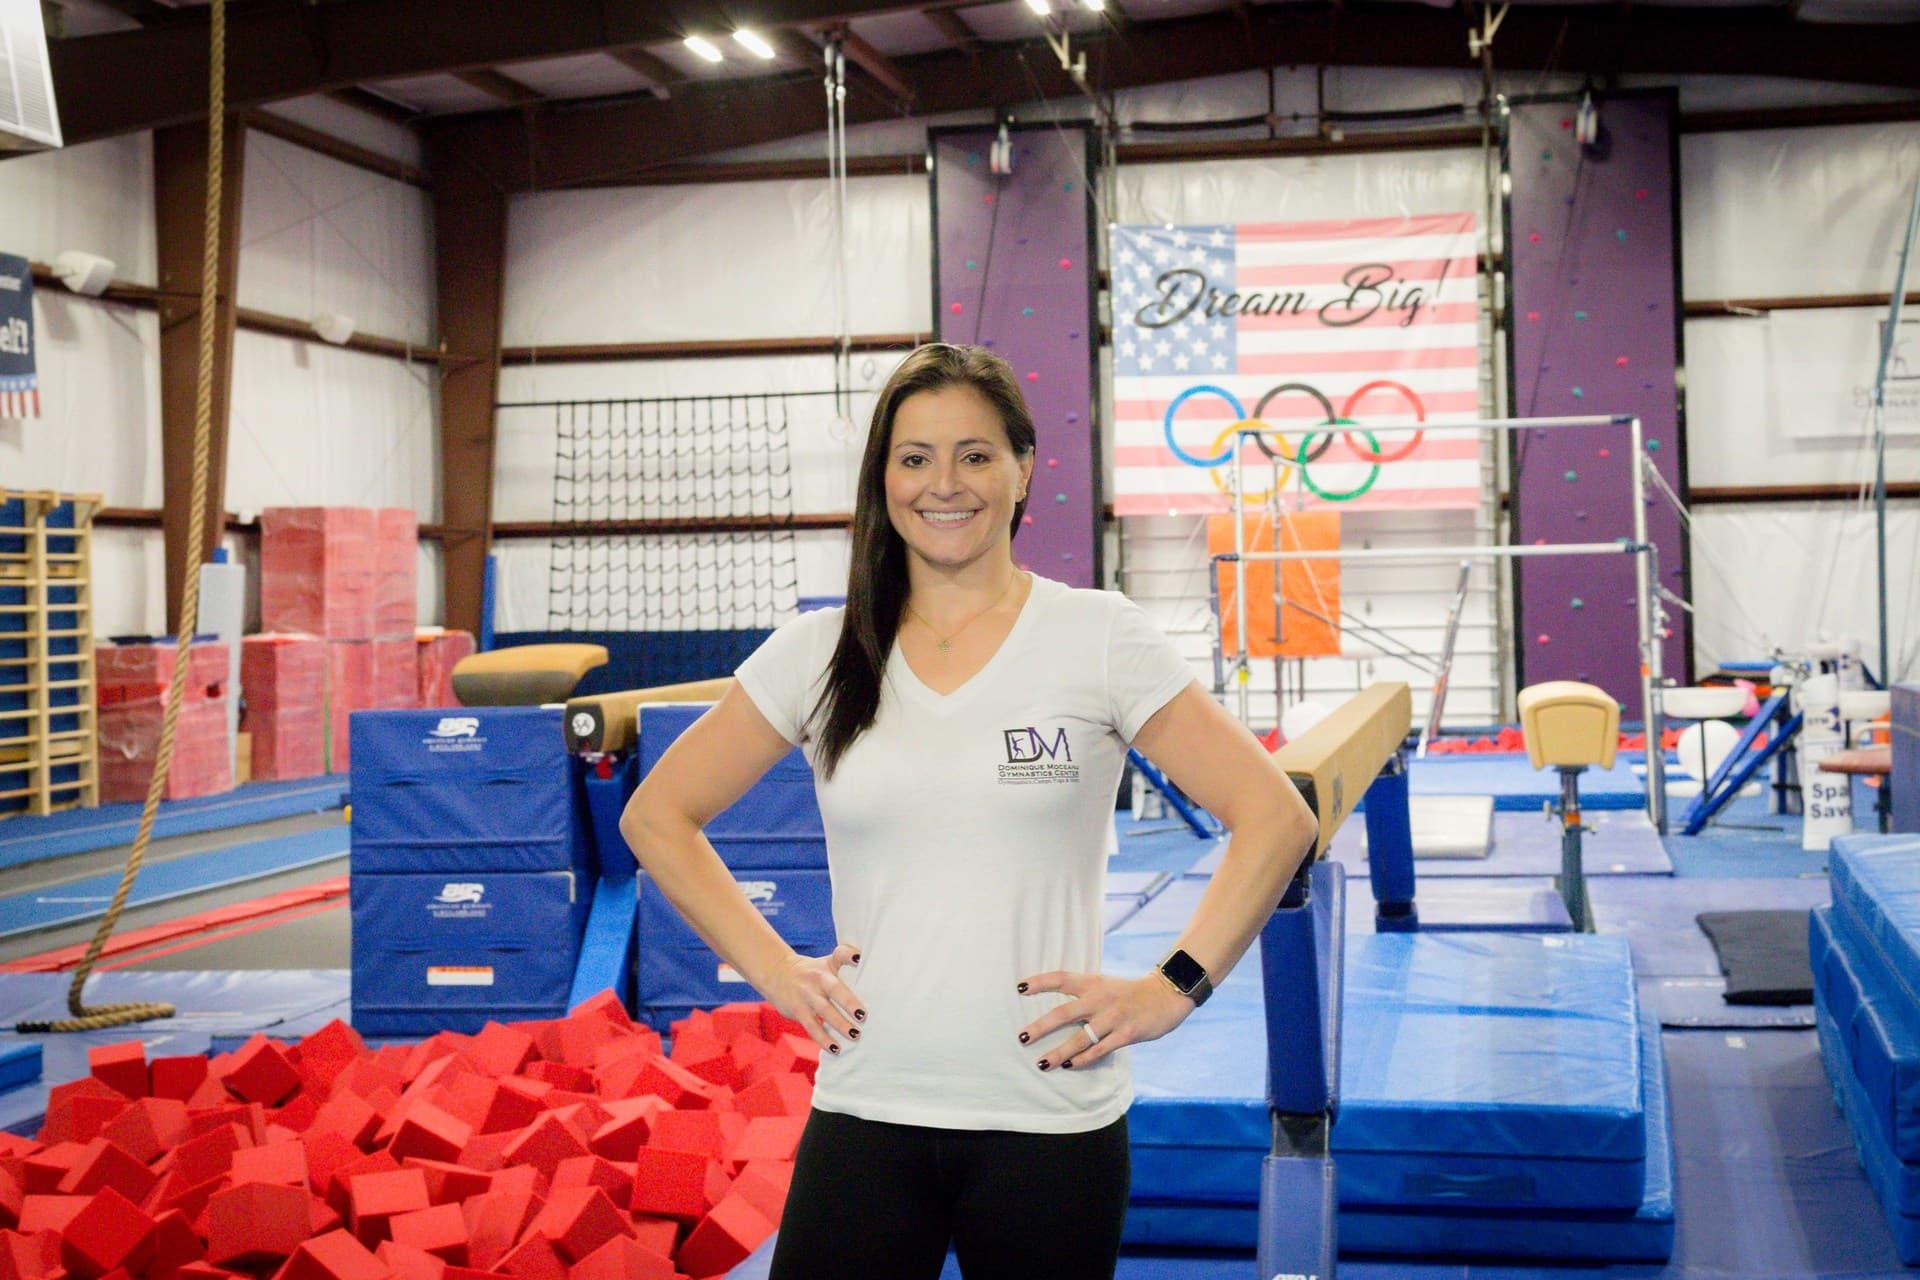 DM gymnastics camp